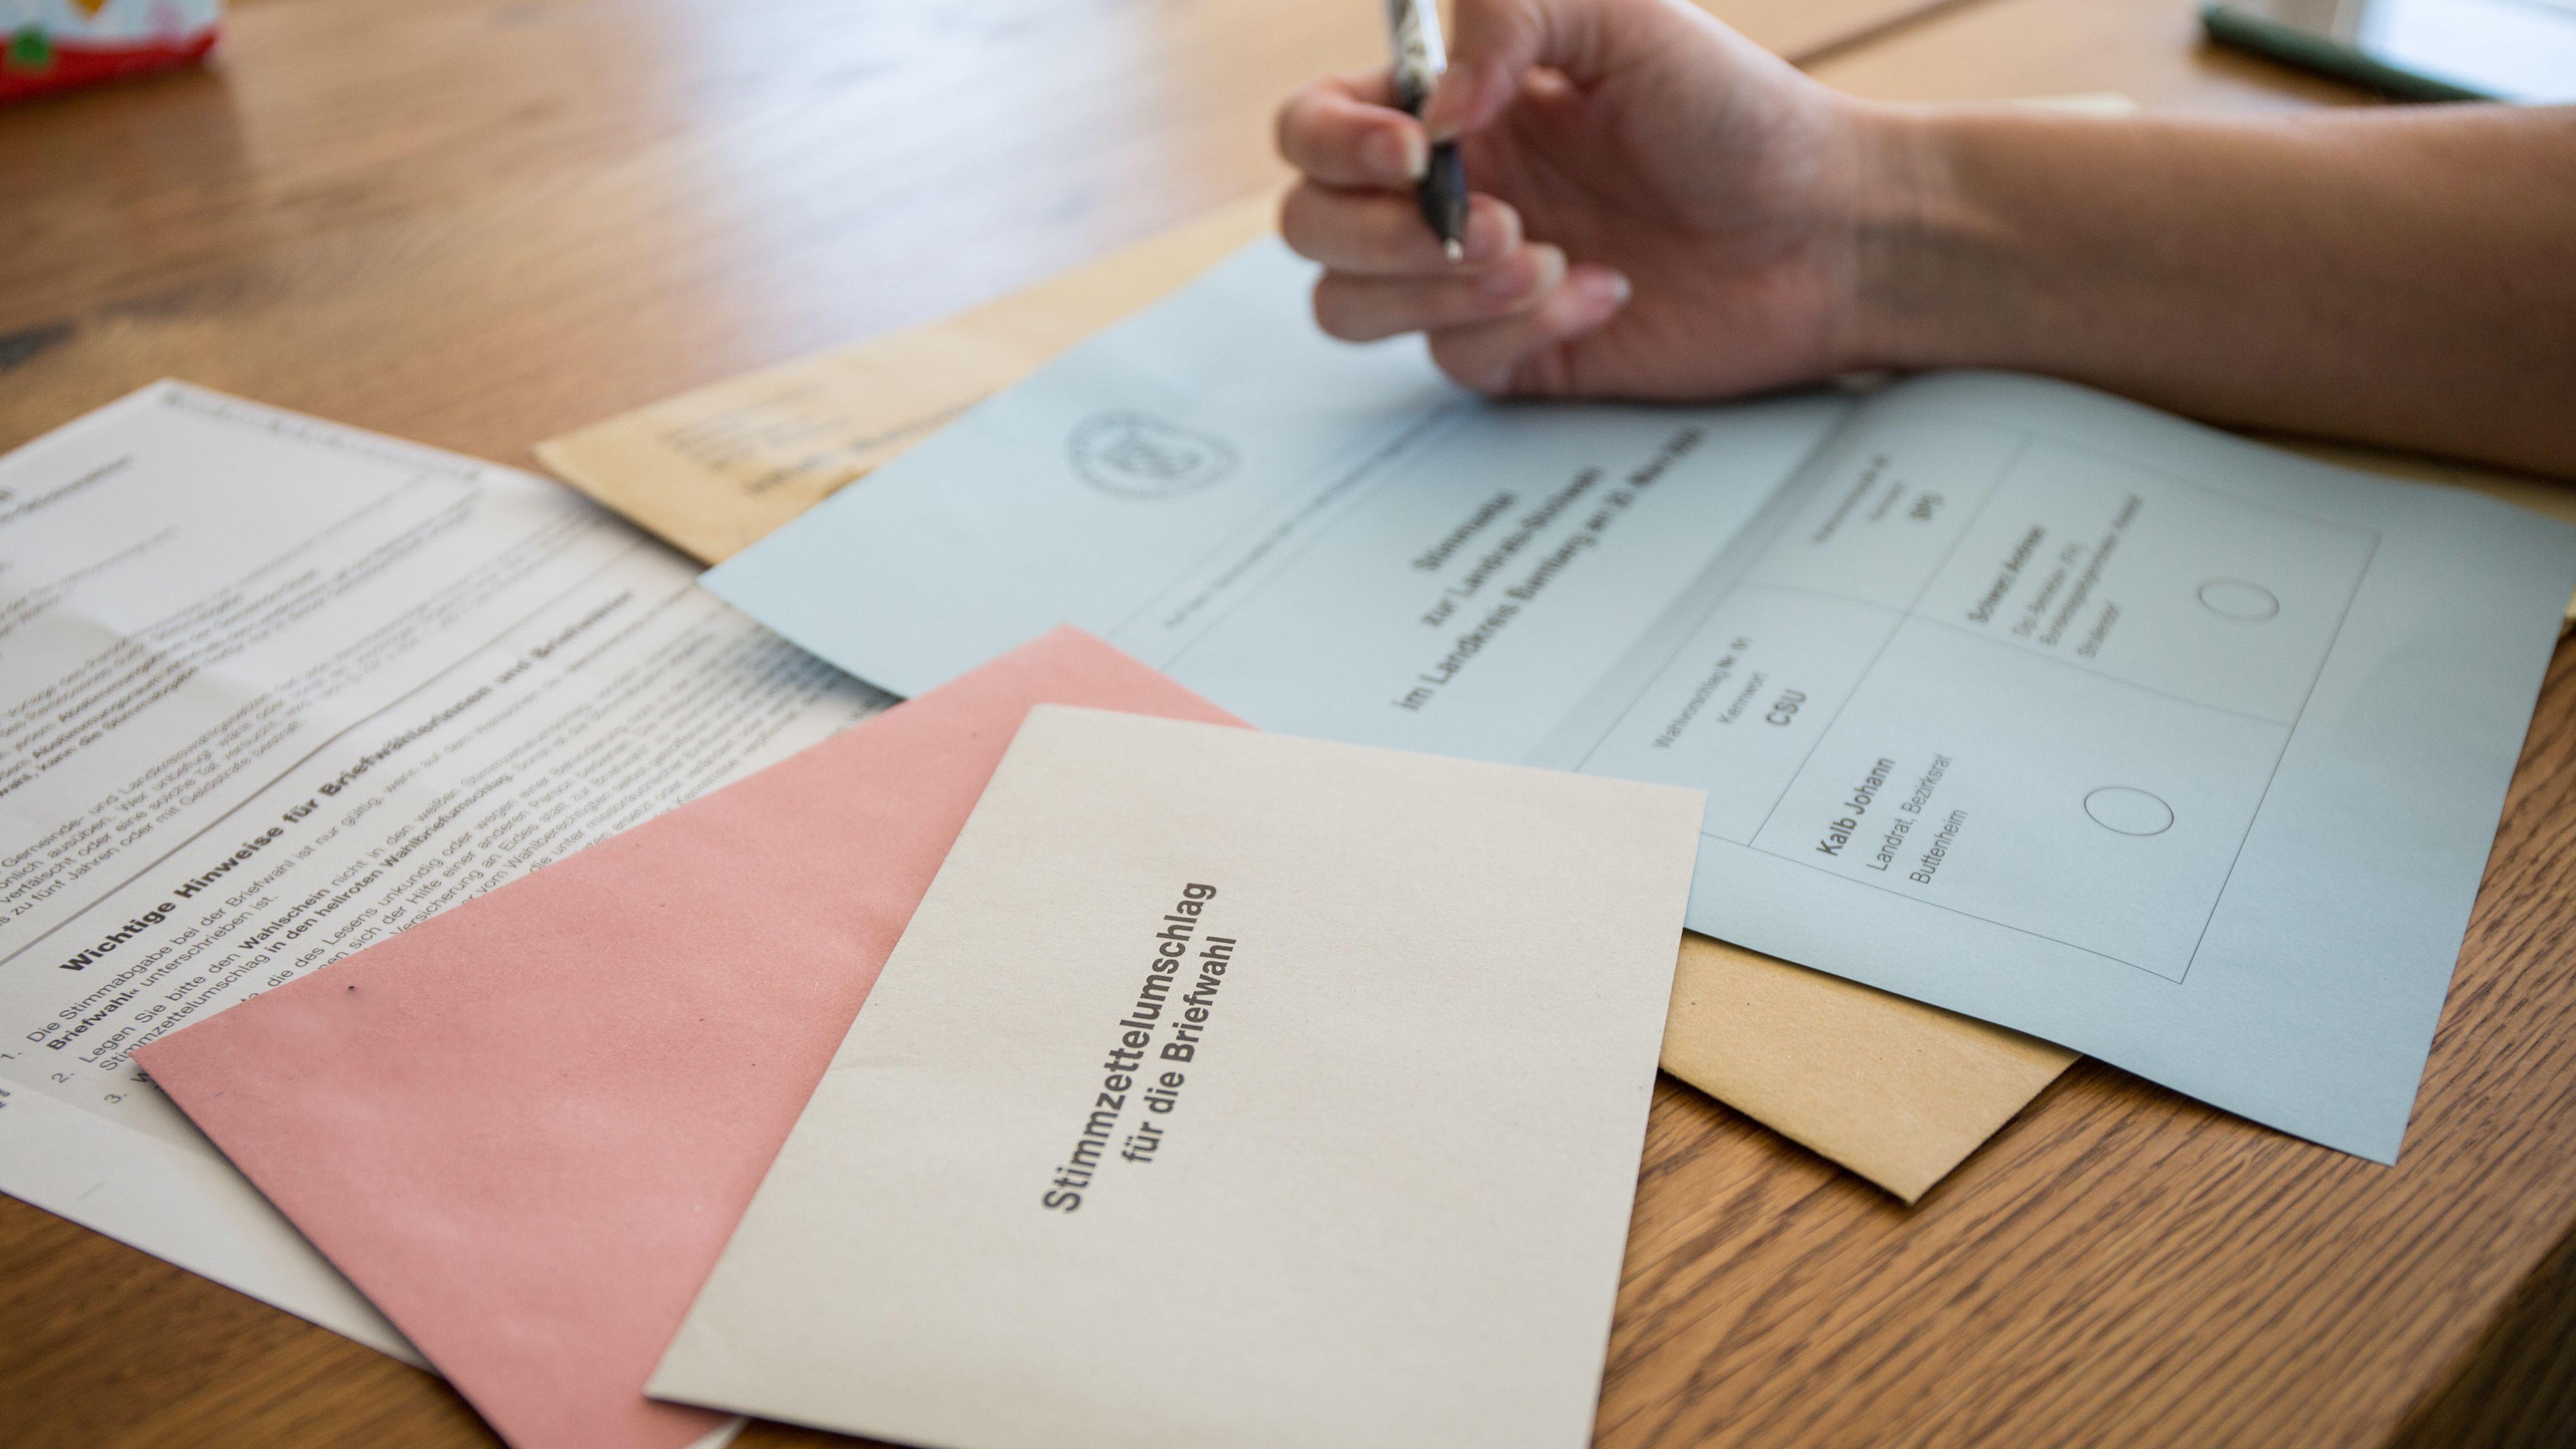 In mehr als 30 Städten und Gemeinden in der Oberpfalz muss die Stichwahl entscheiden, wer neuer wer neuer Rathauschef wird.